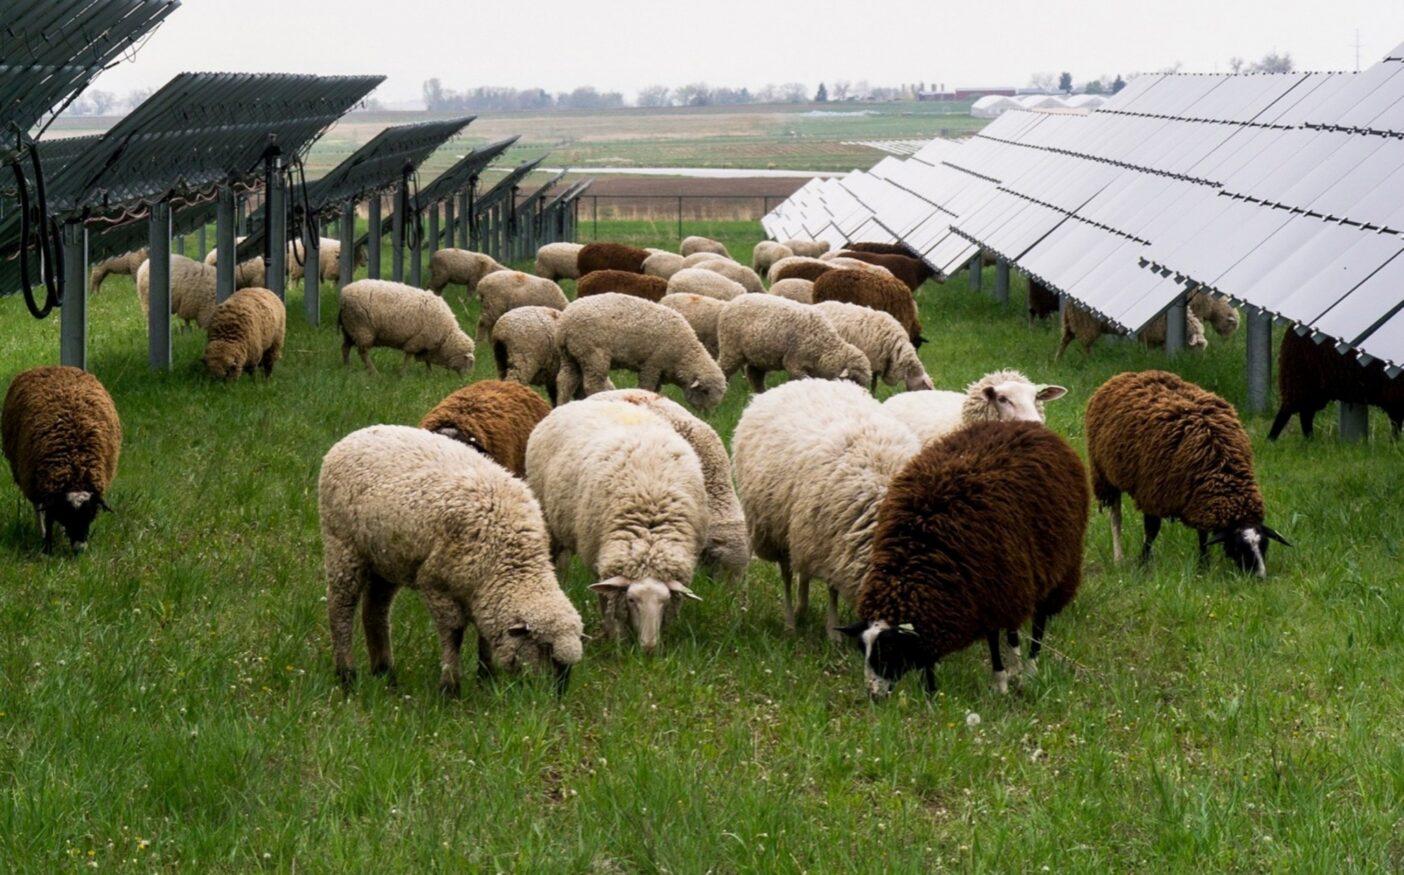 ソーラーパネルの周囲で羊は草をはむ。コロラド州フロントレンジ。Photo: Craig Scari